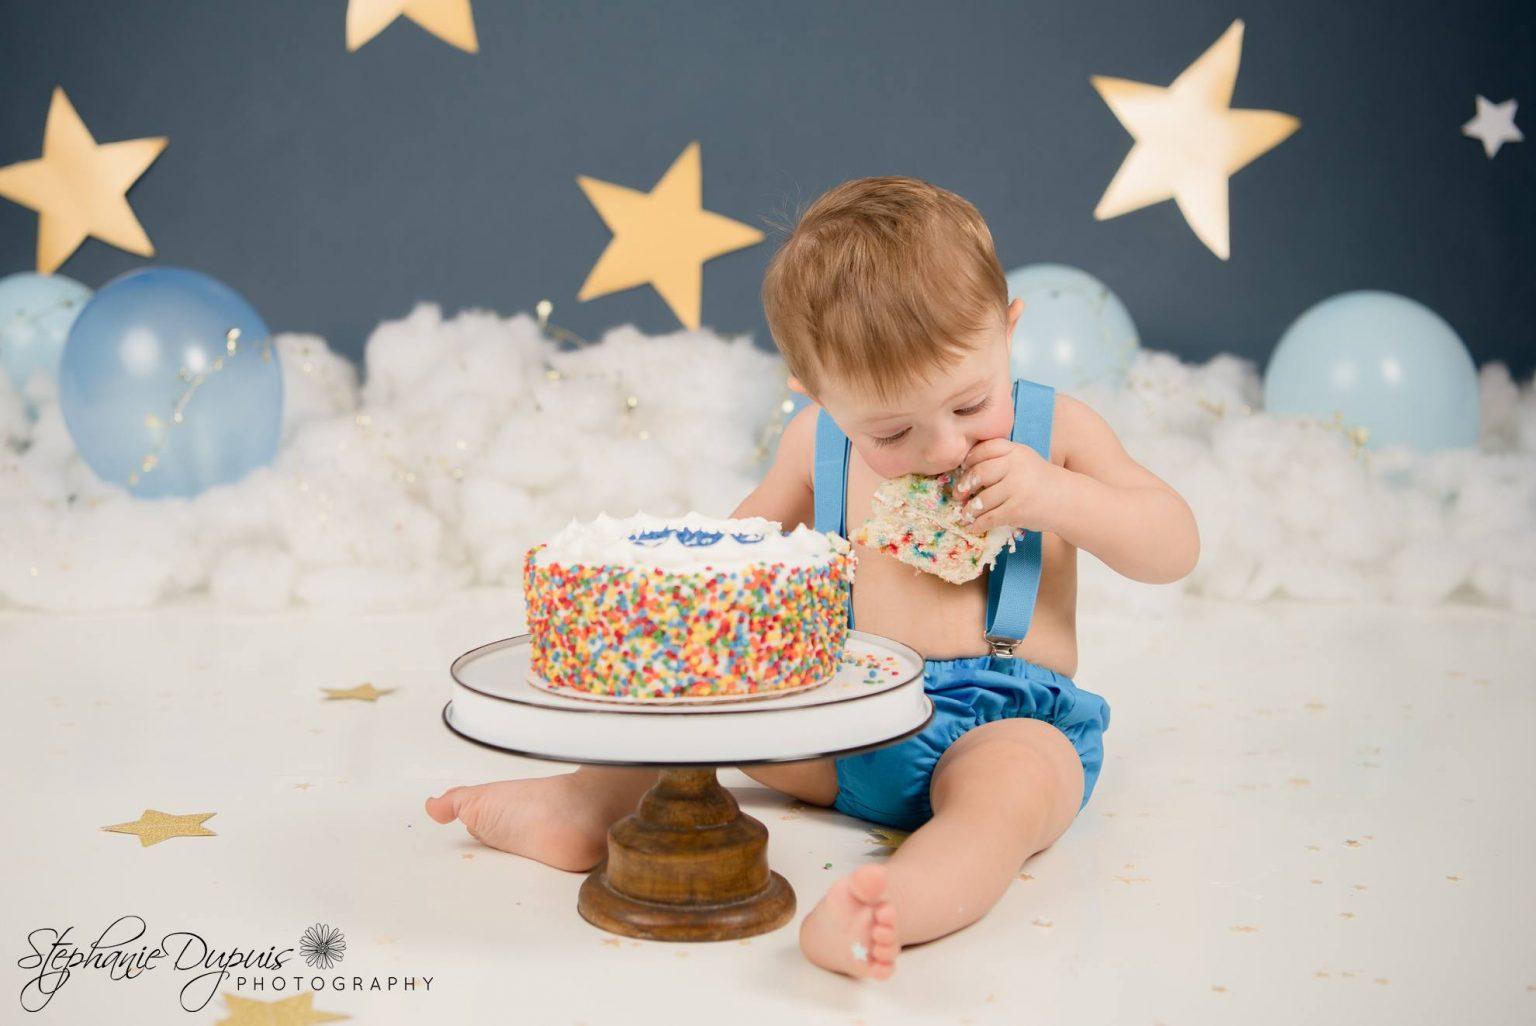 Bisson cake smash 4 1536x1026 - Portfolio: Gannon Cake Smash